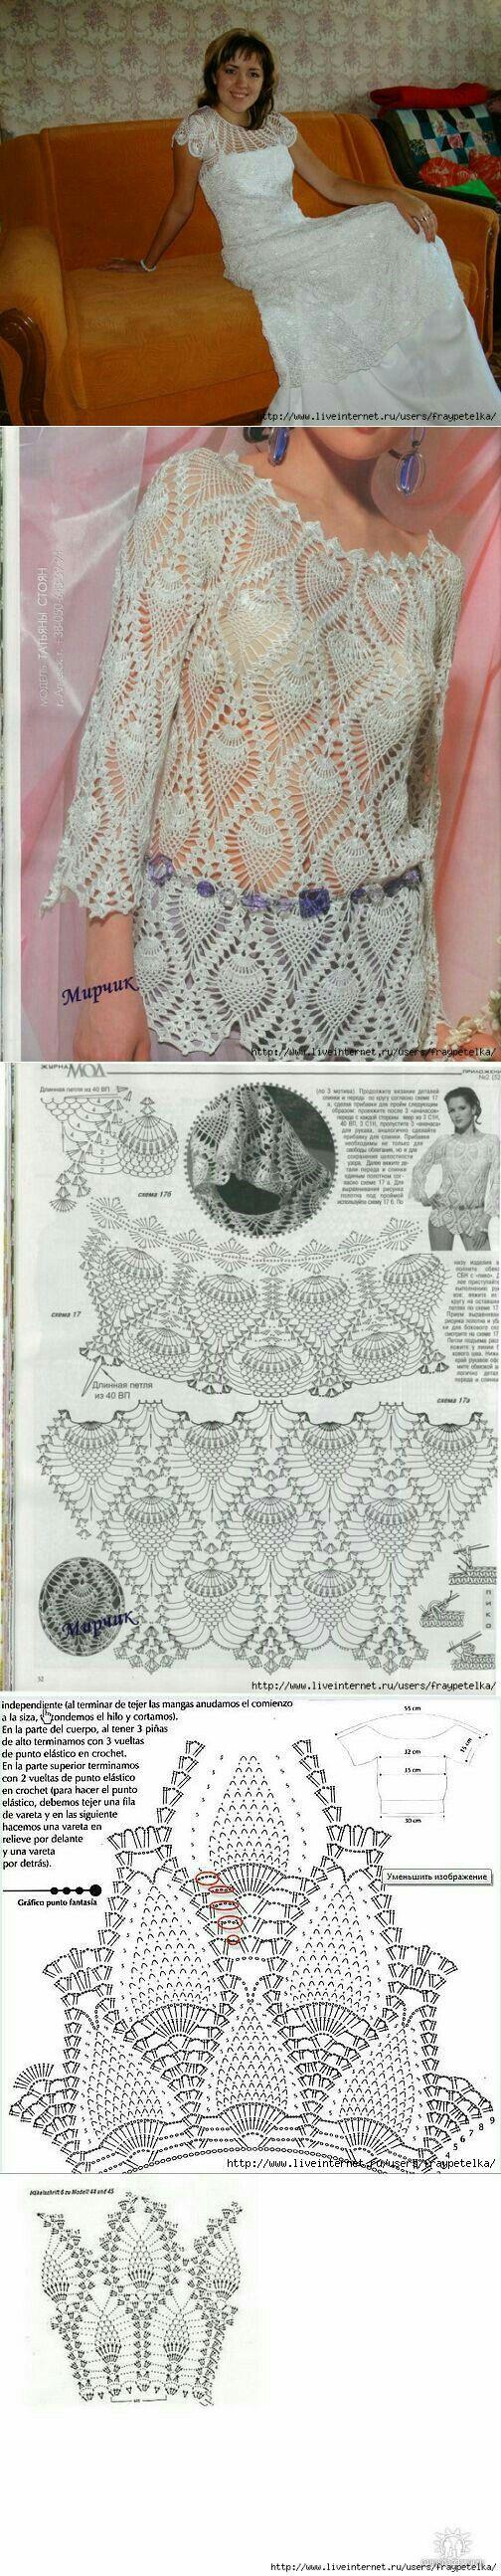 Pin de Ana Luz Esquivel Tejeda en ana luz | Pinterest | Blusas ...